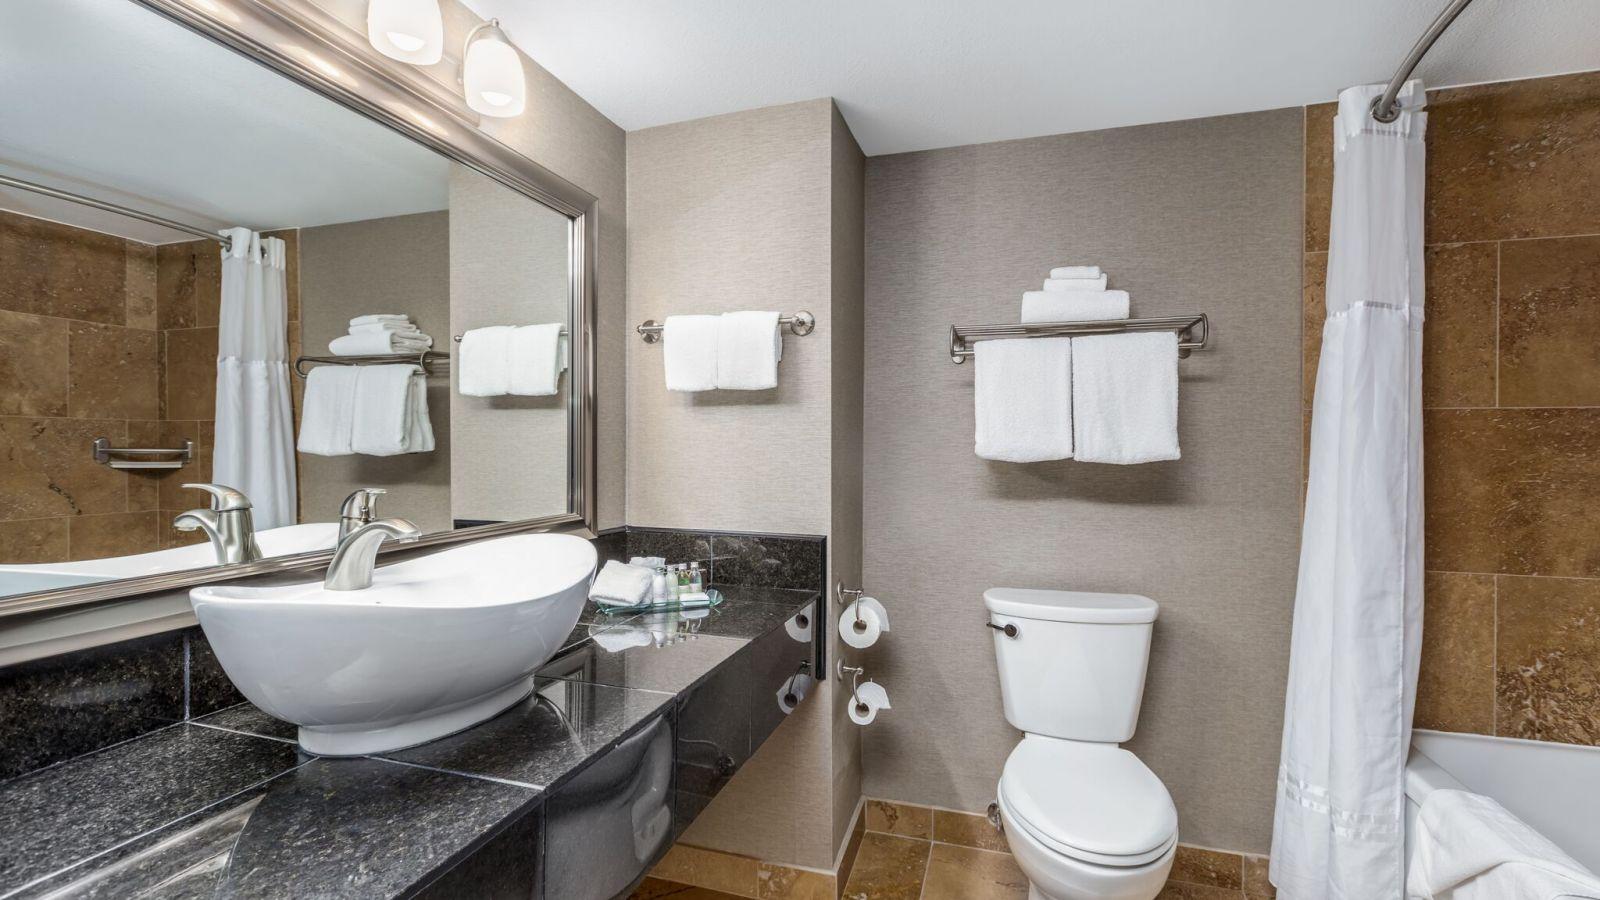 Best Western Plus - Radium Inn Hot Springs - bathrooms